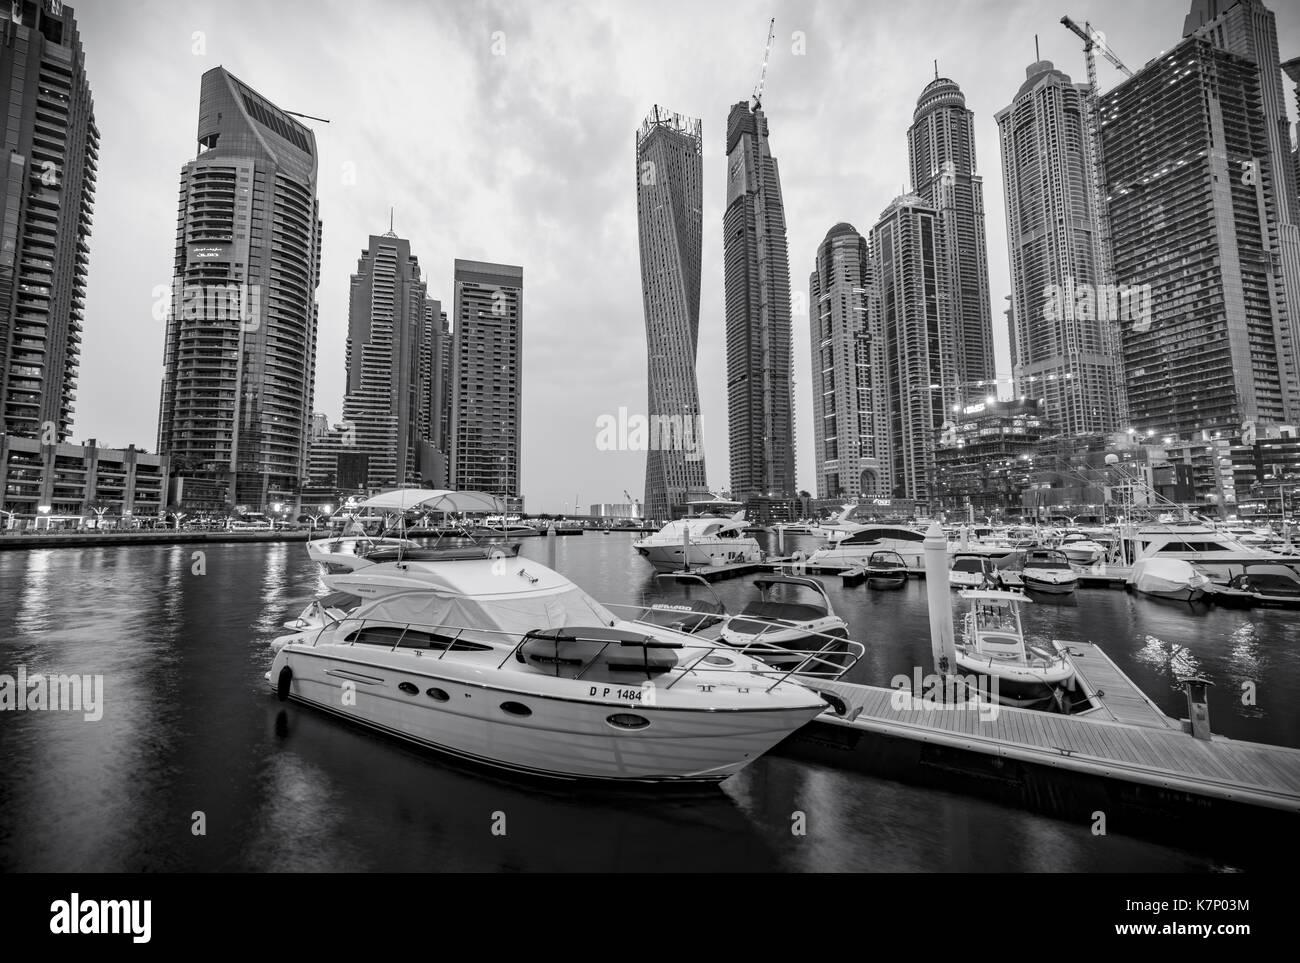 Marina frente de rascacielos, Dubai Marina, Dubai, Emiratos Árabes Unidos. Imagen De Stock